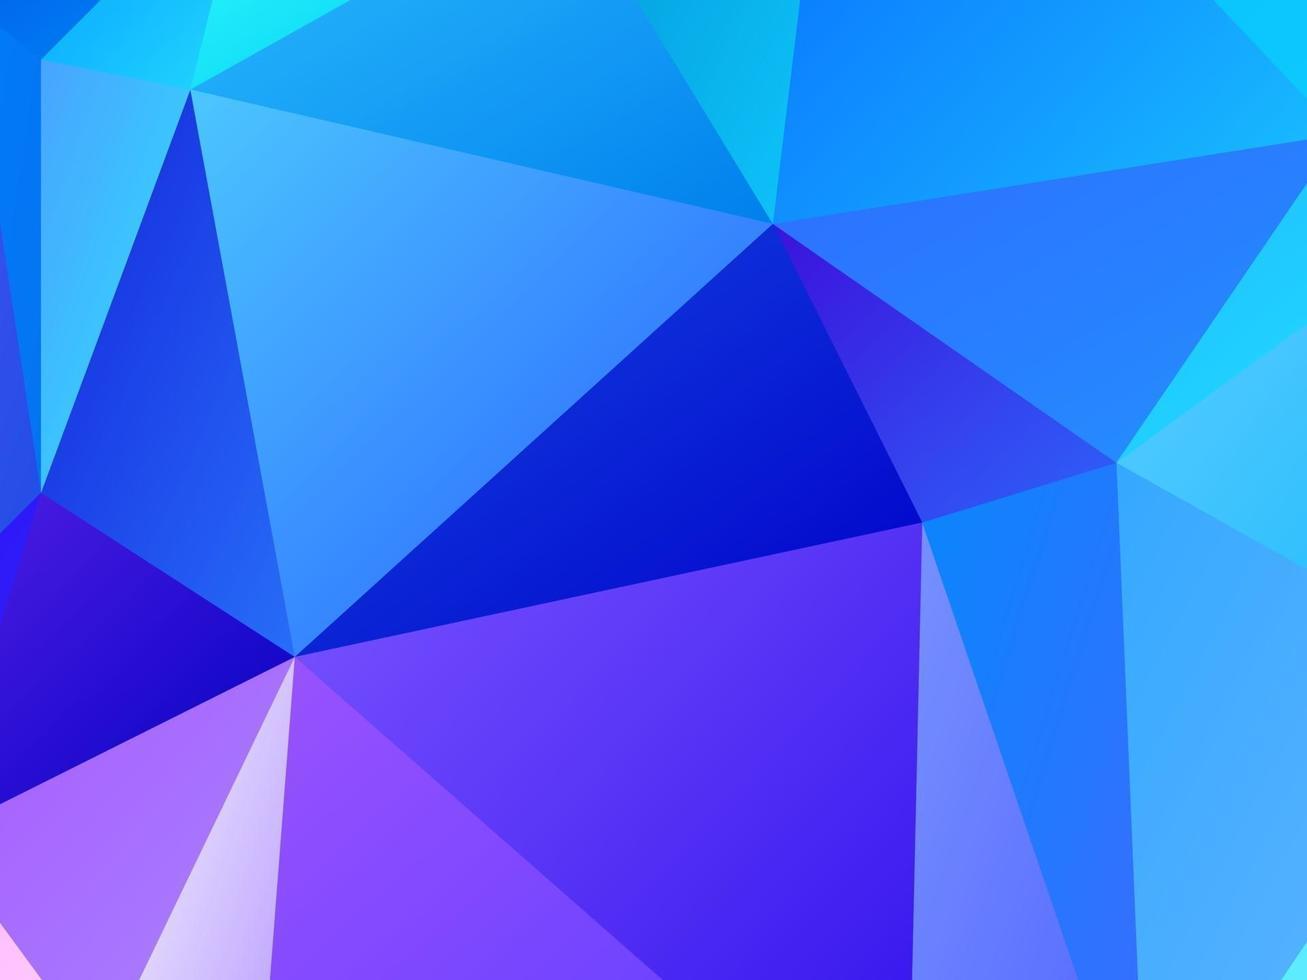 sfondo moderno colorato poligono geometrico vettore